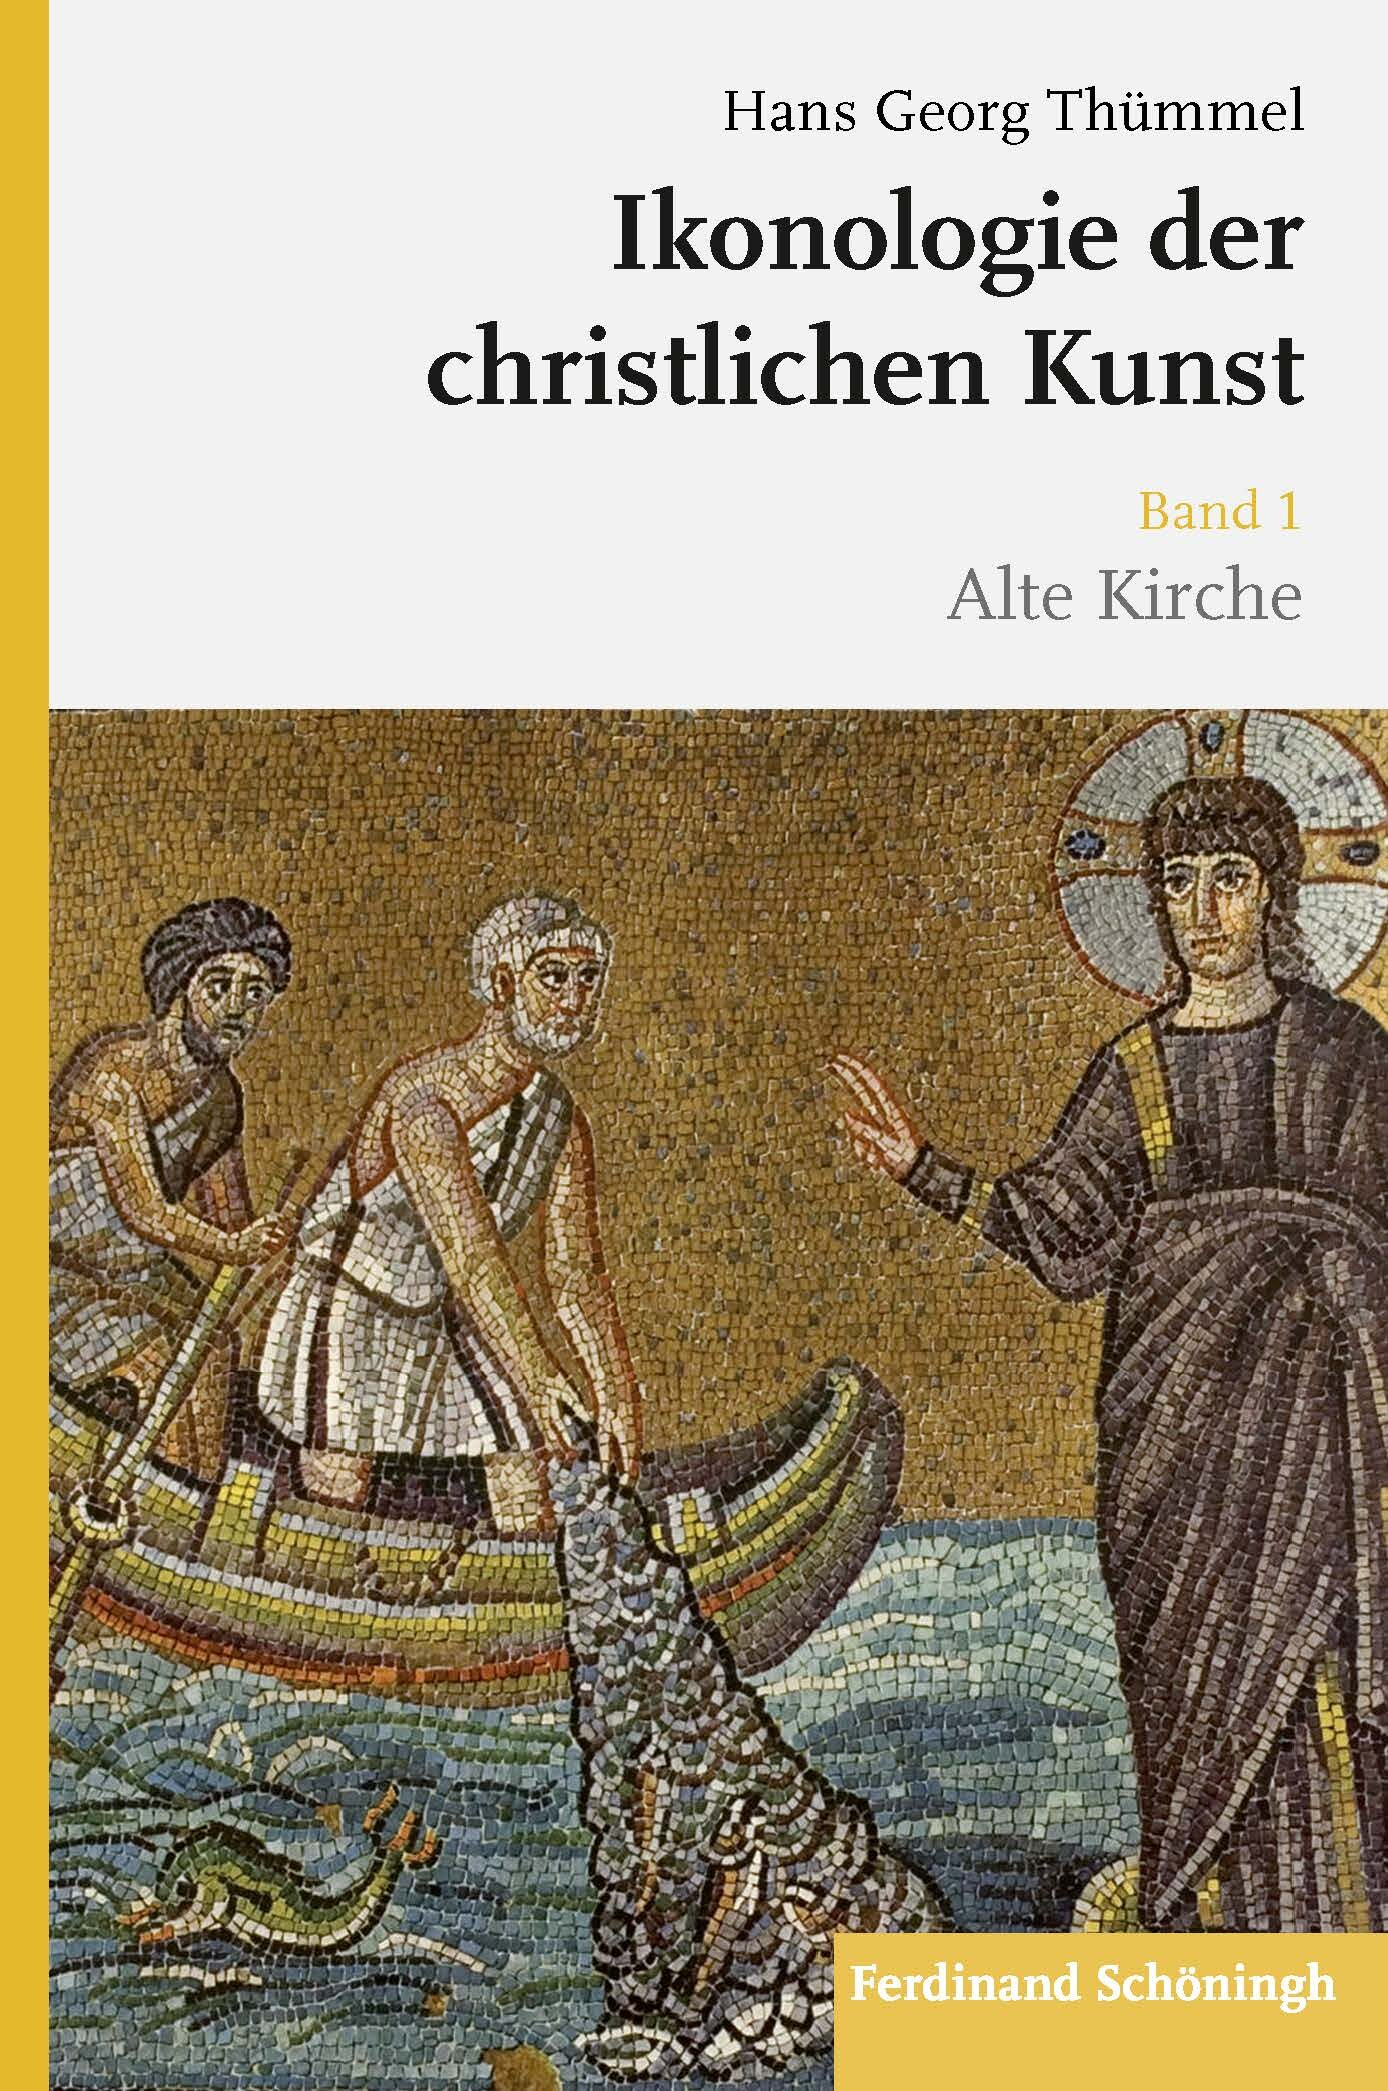 Christliche Kunst In Der Privaten Sphäre Und Im Alltag In